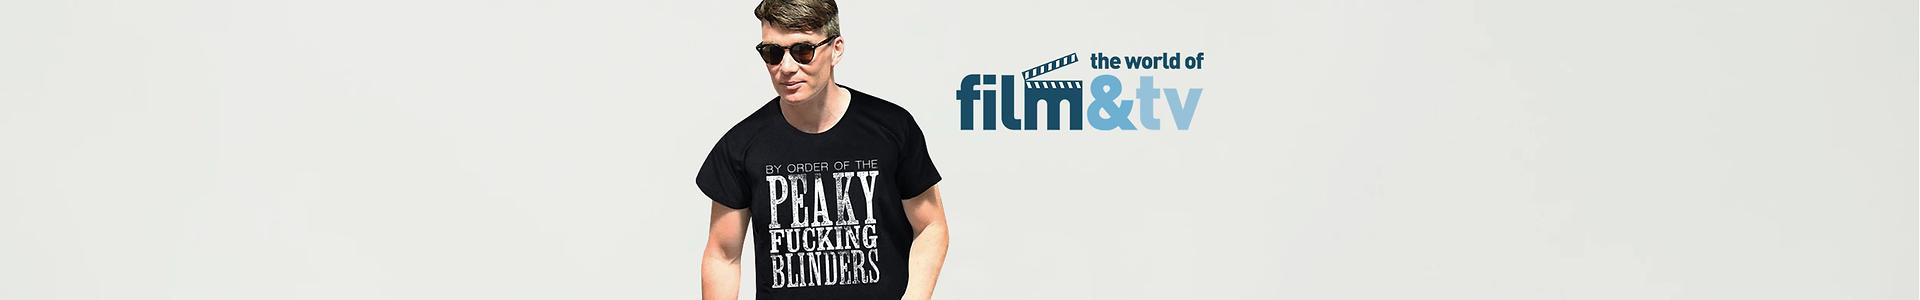 Camisetas cine y televsión